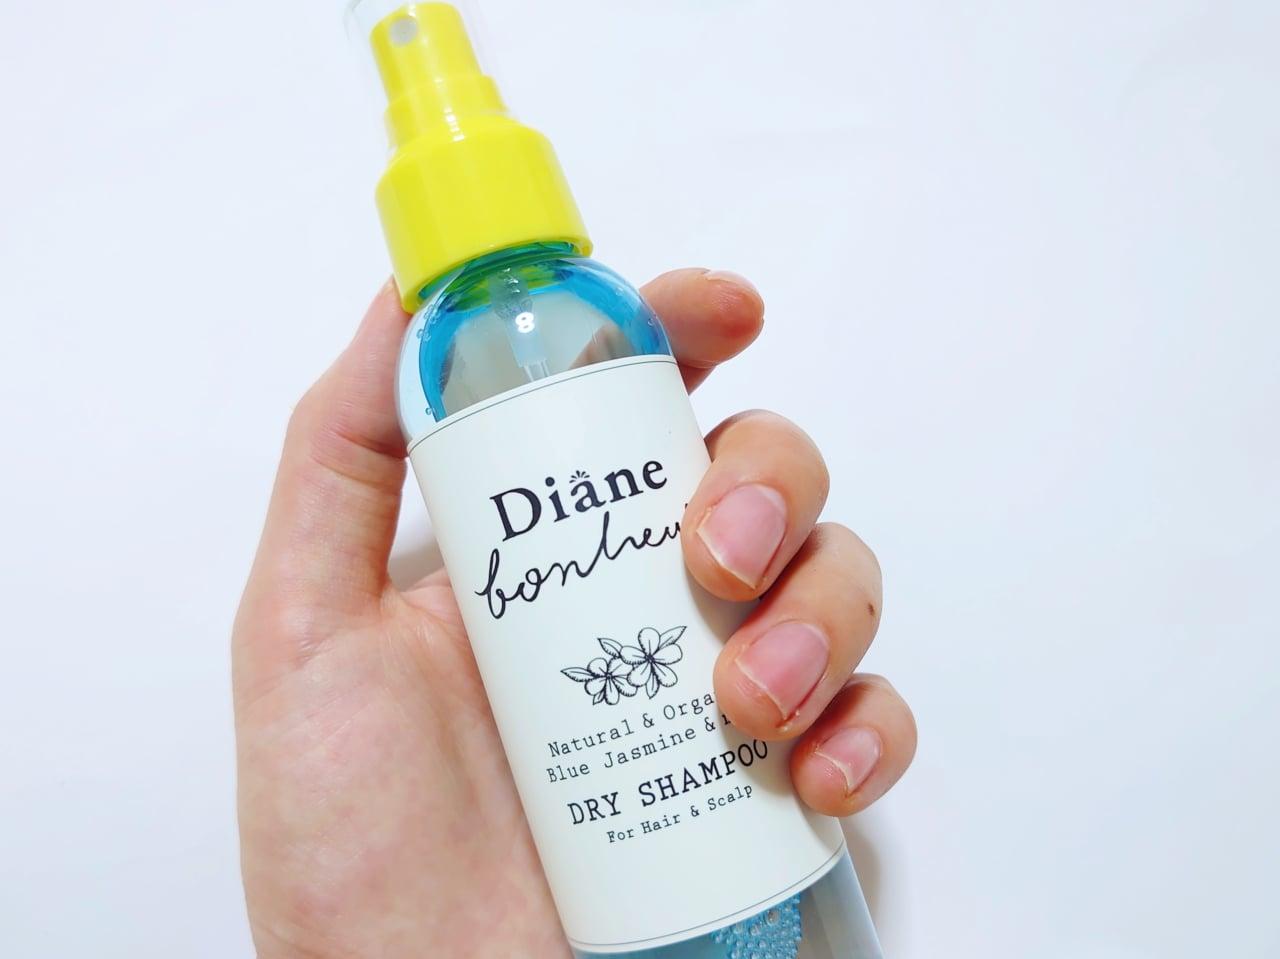 ダイアンボヌール ドライシャンプー ブルージャスミン&ミントの香り